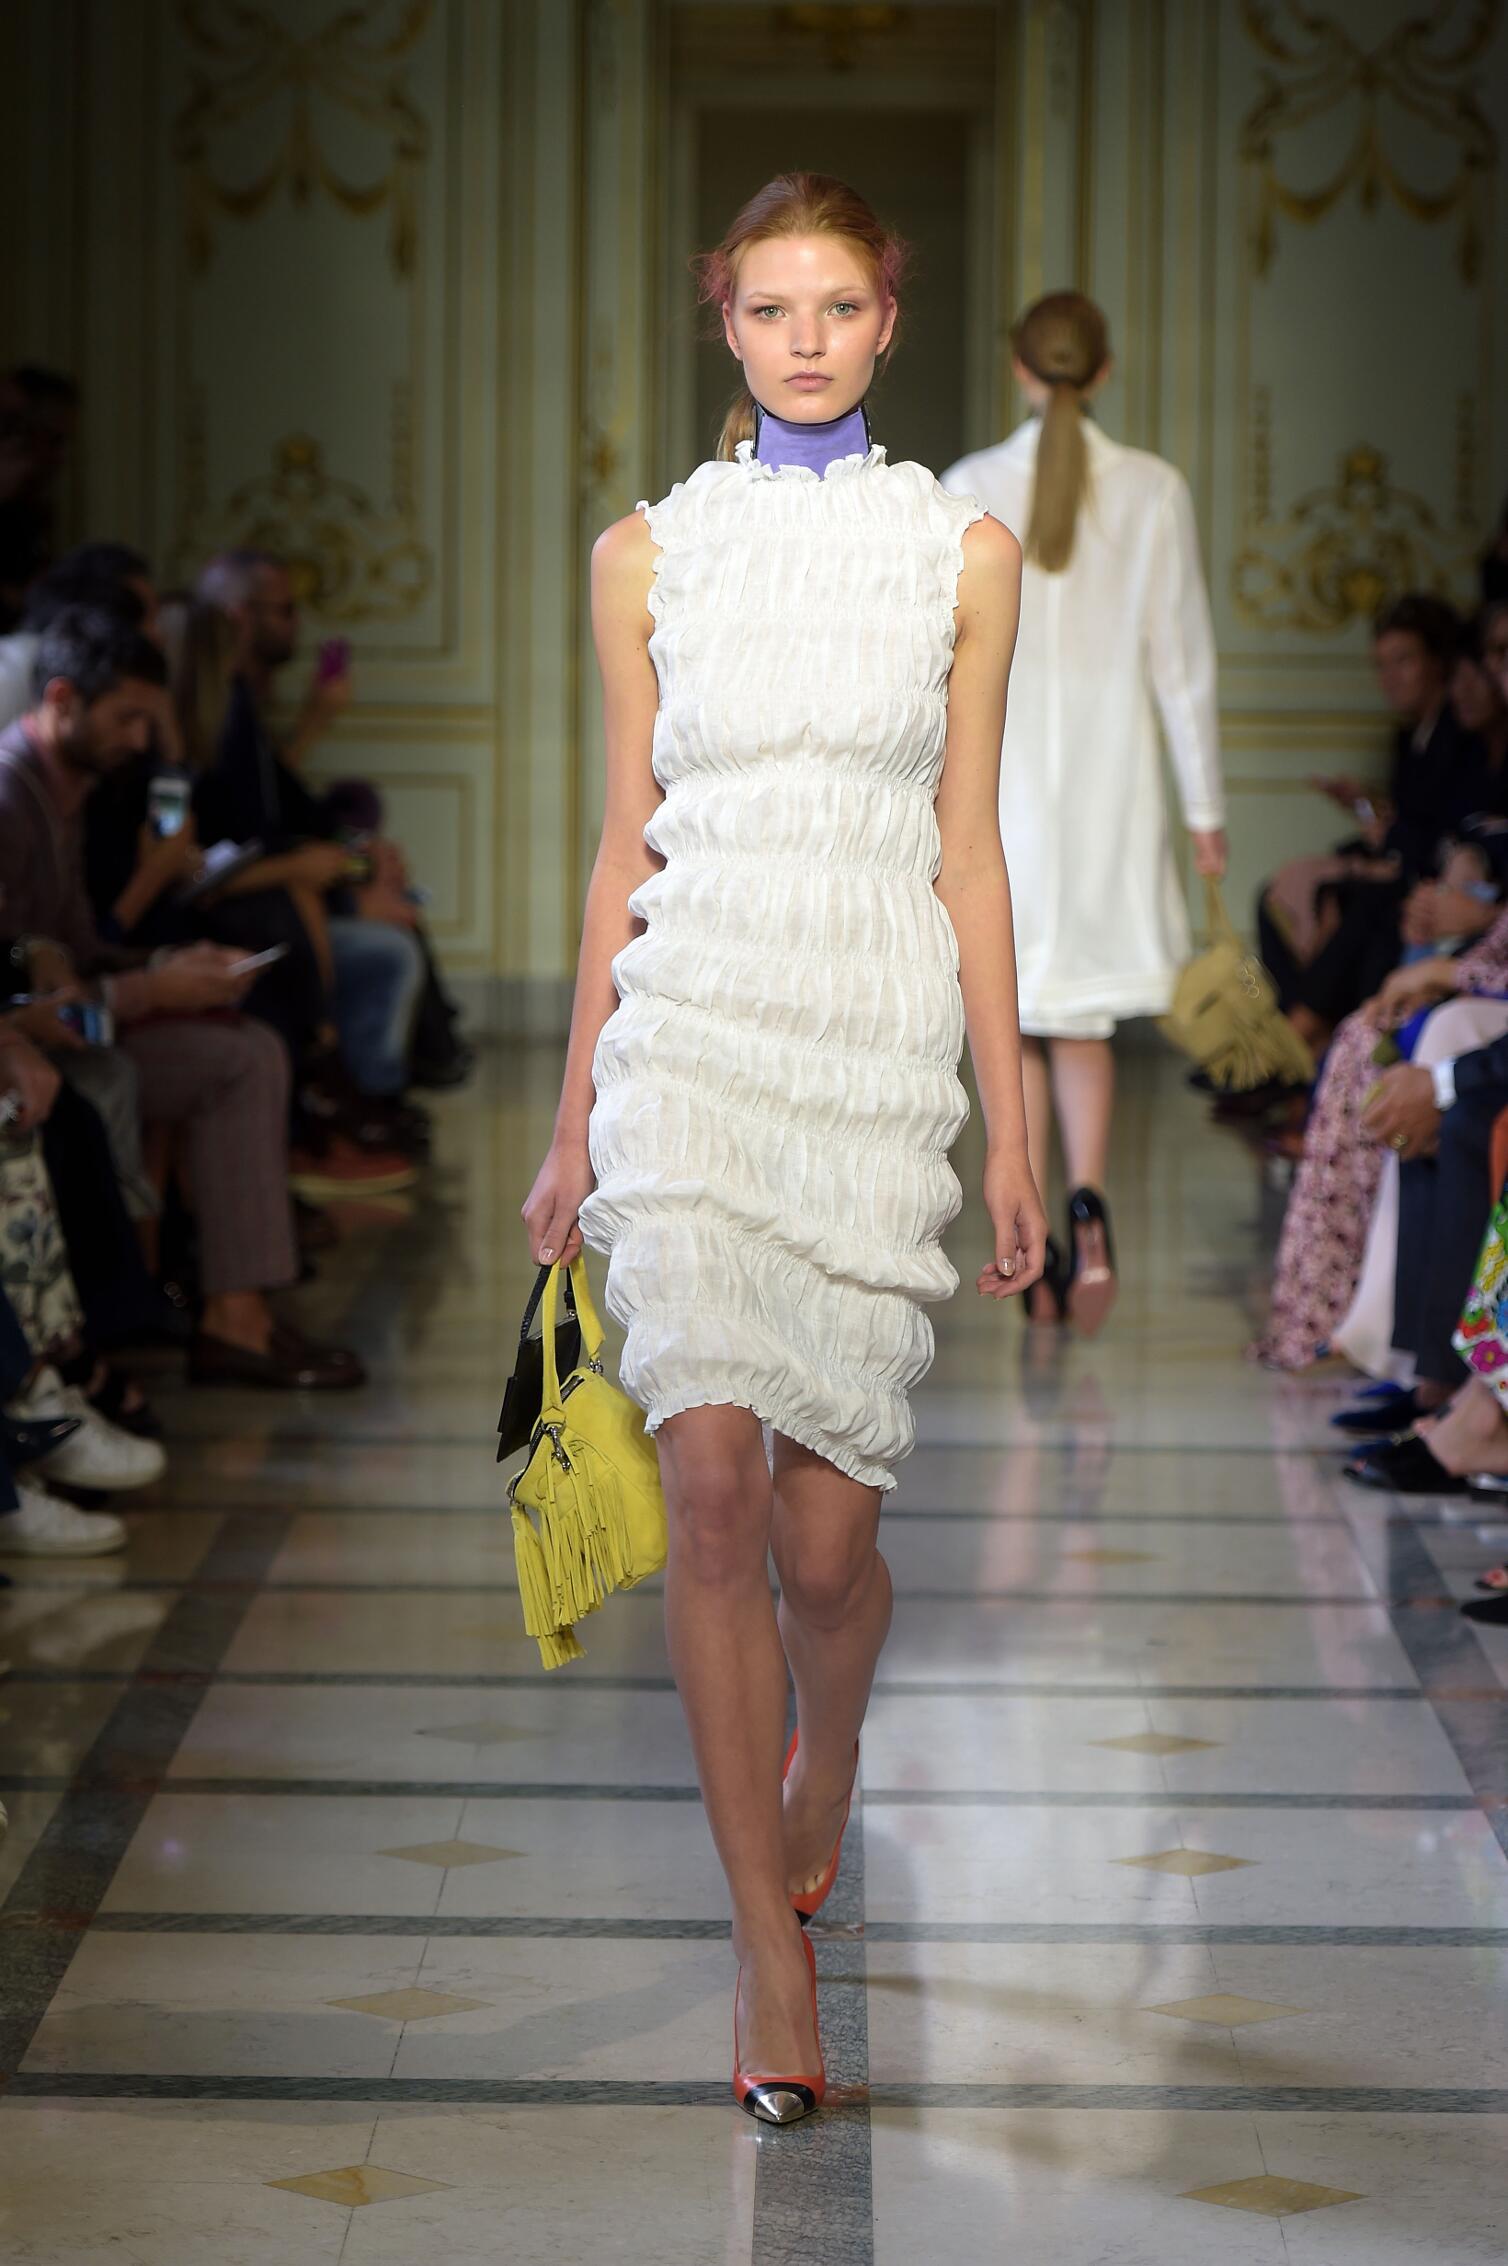 Models Fashion Show Andrea Incontri